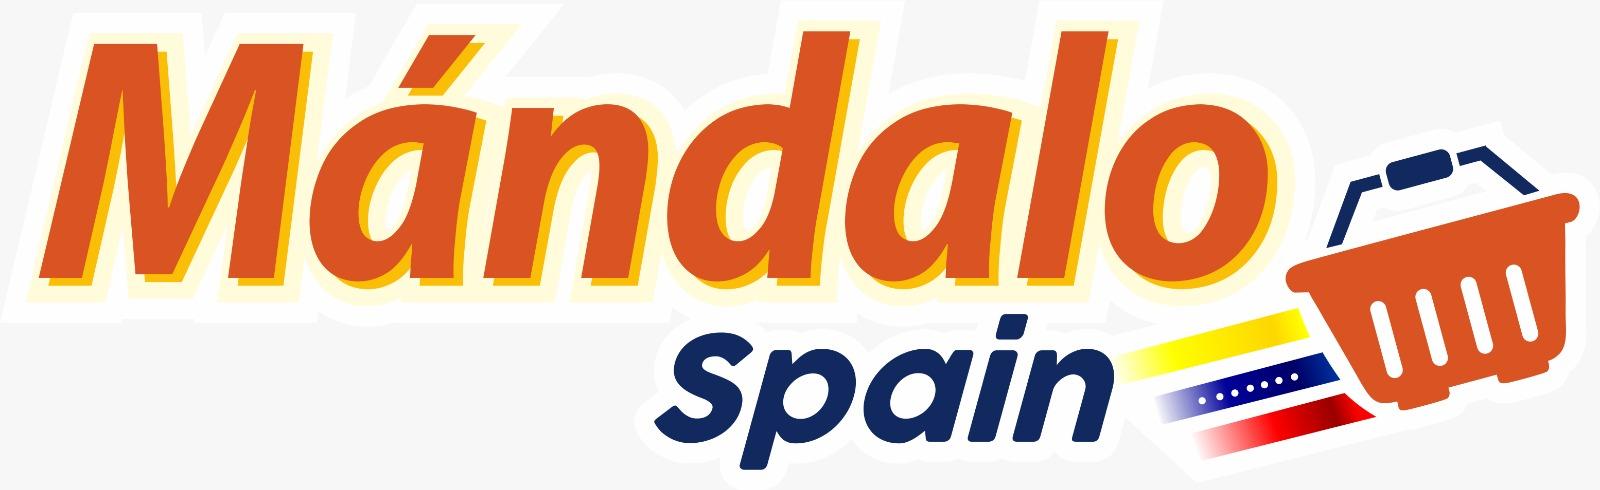 MANDALO SPAIN